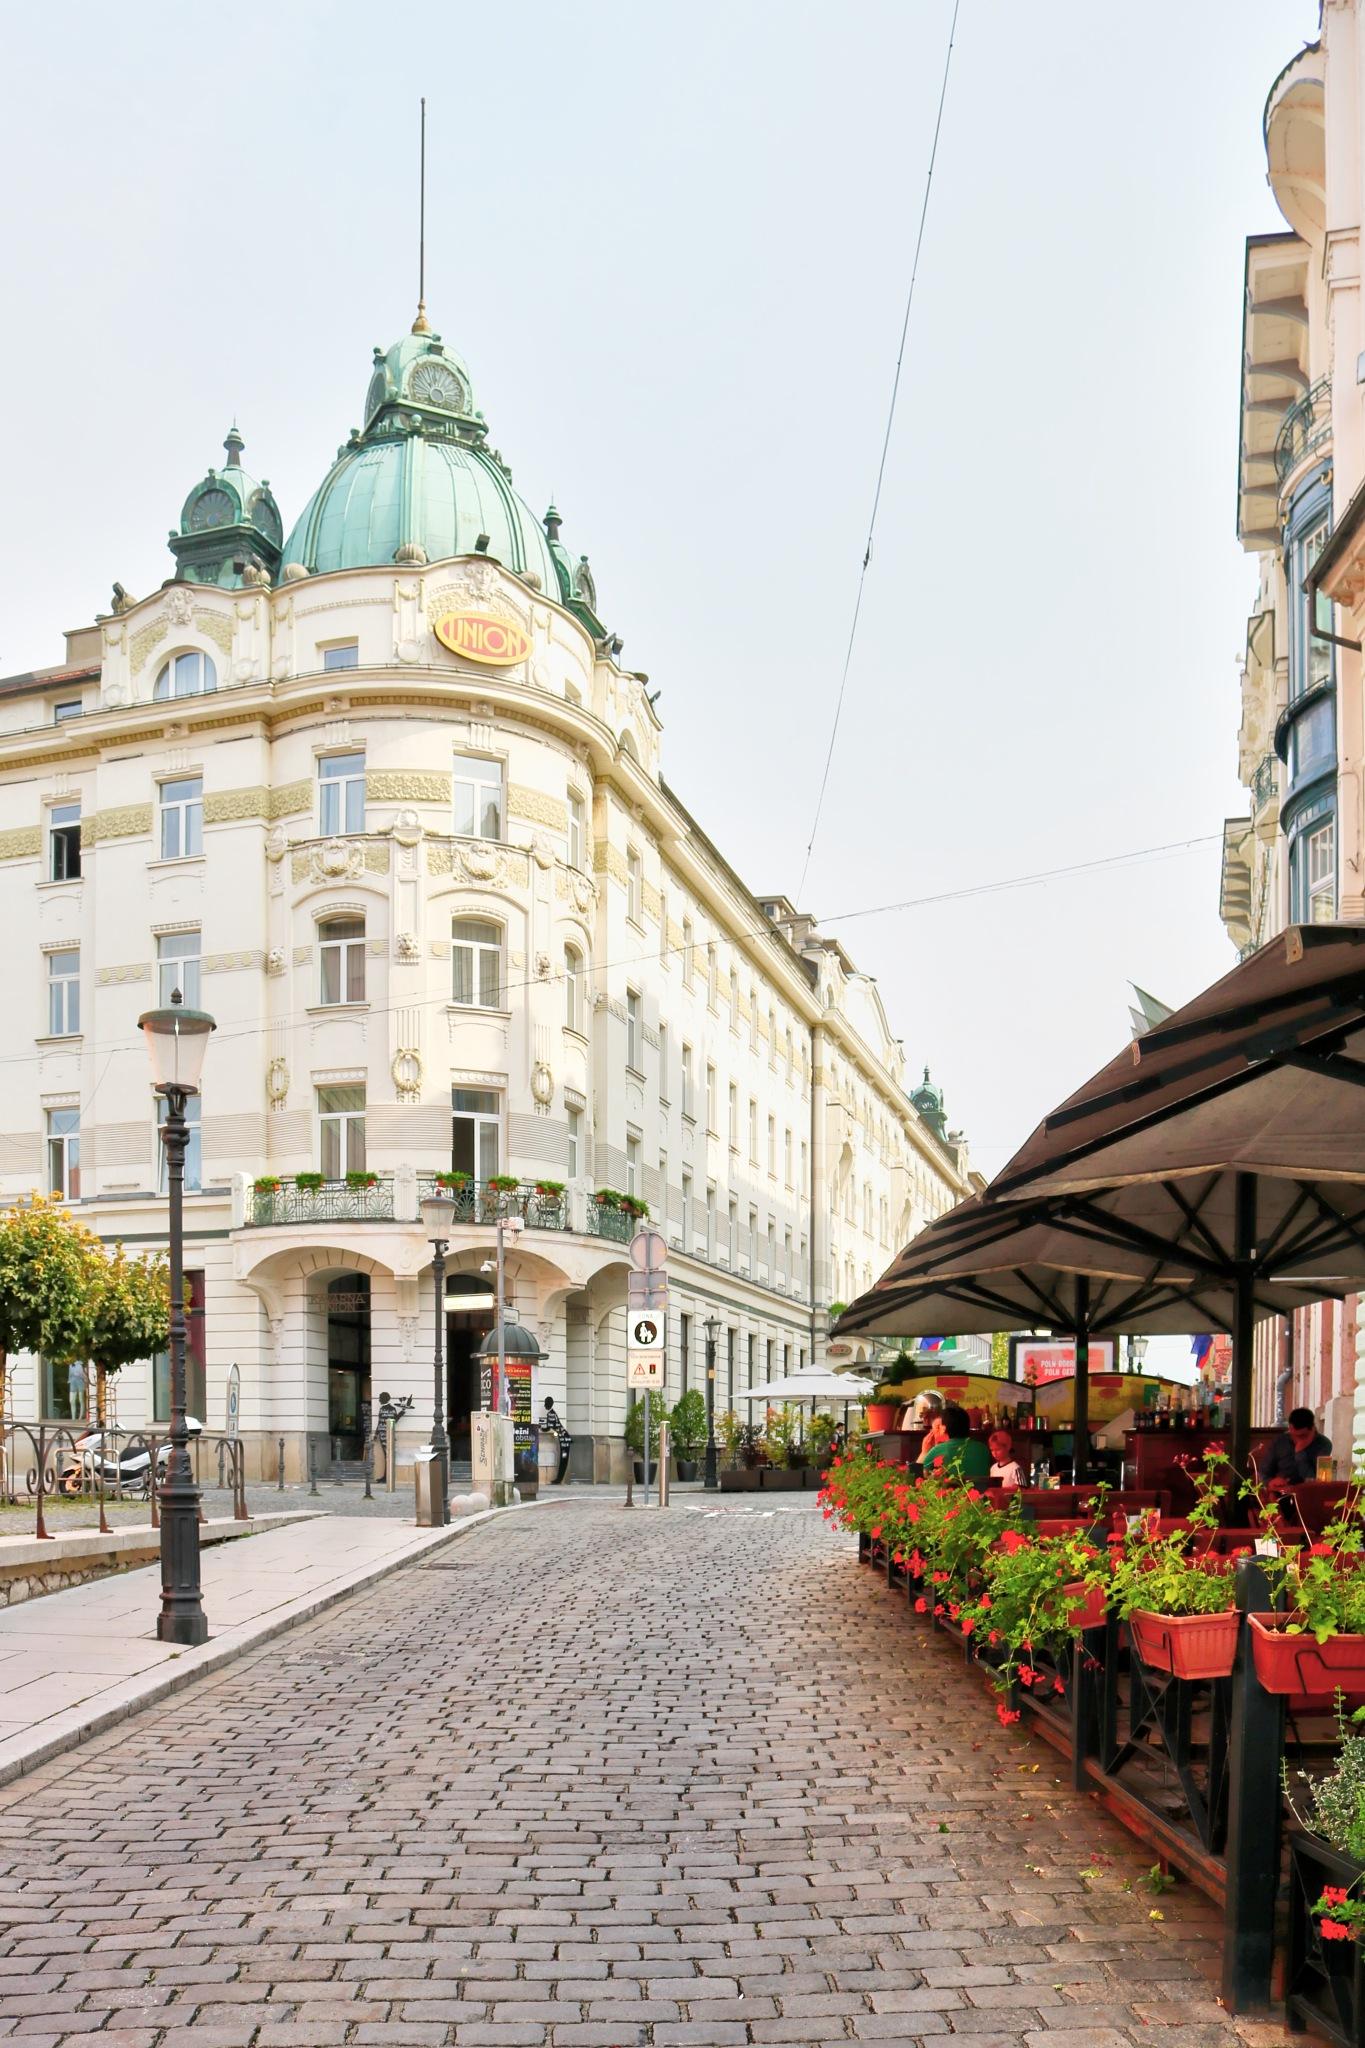 Hotel Union by zvnktomasevic